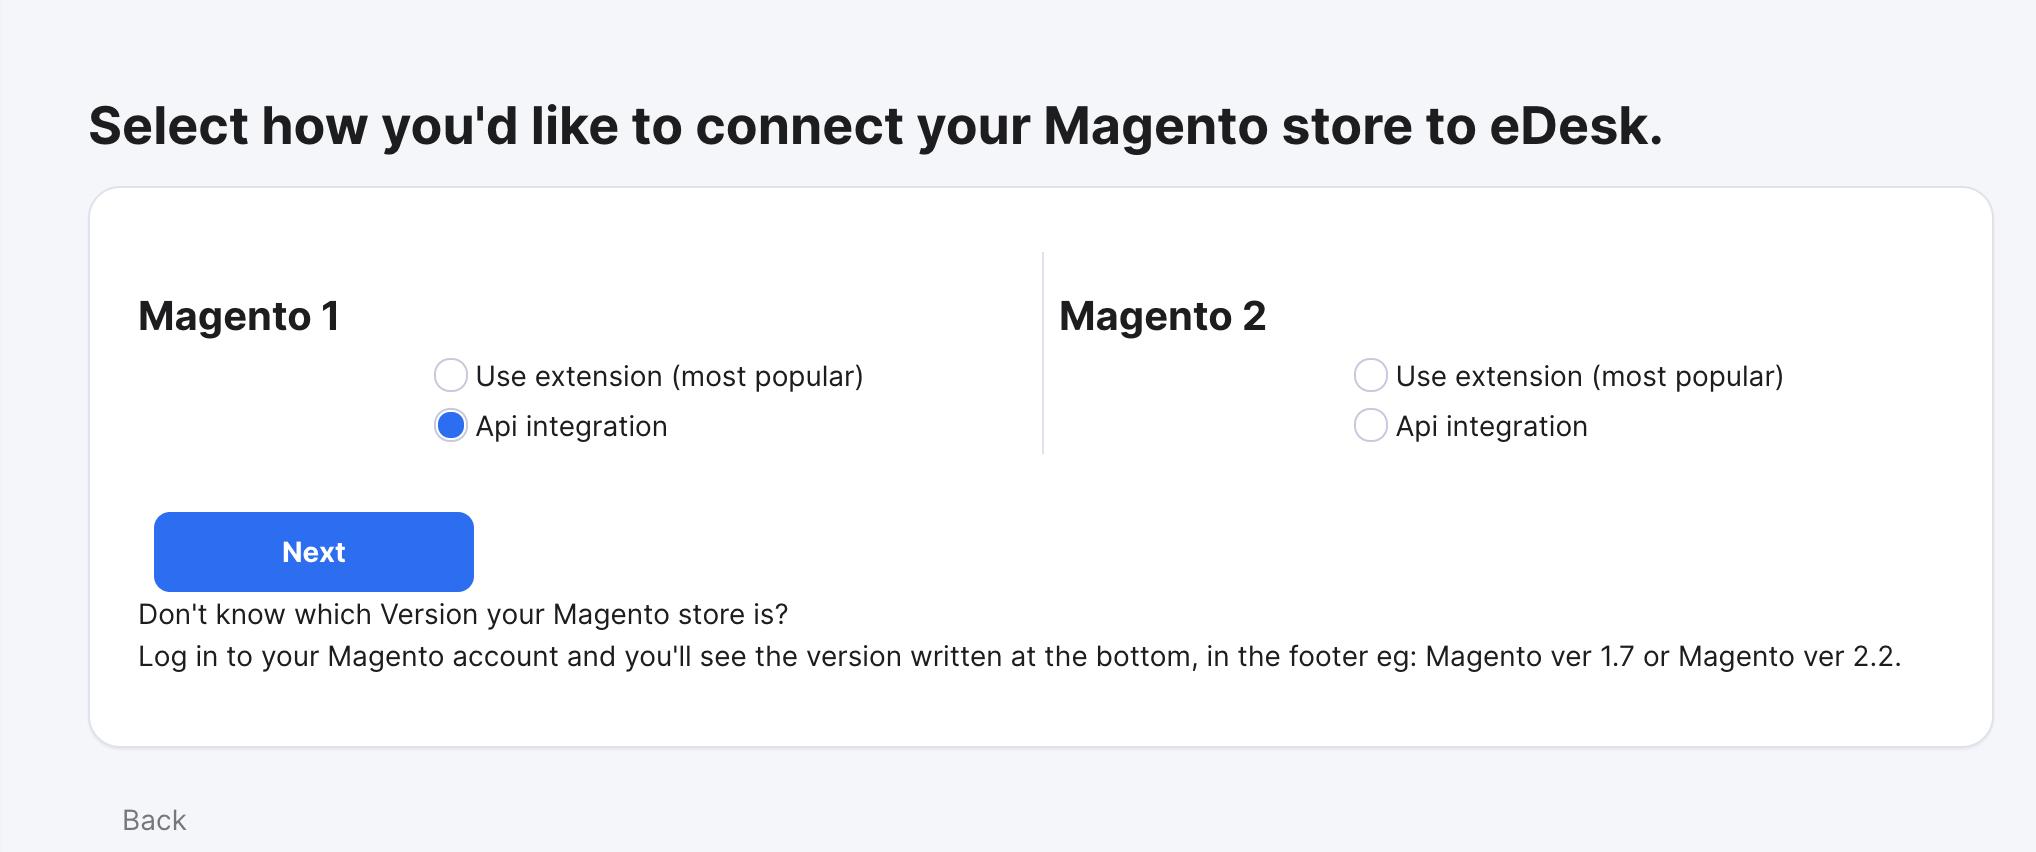 Select API Integration for Magento 1